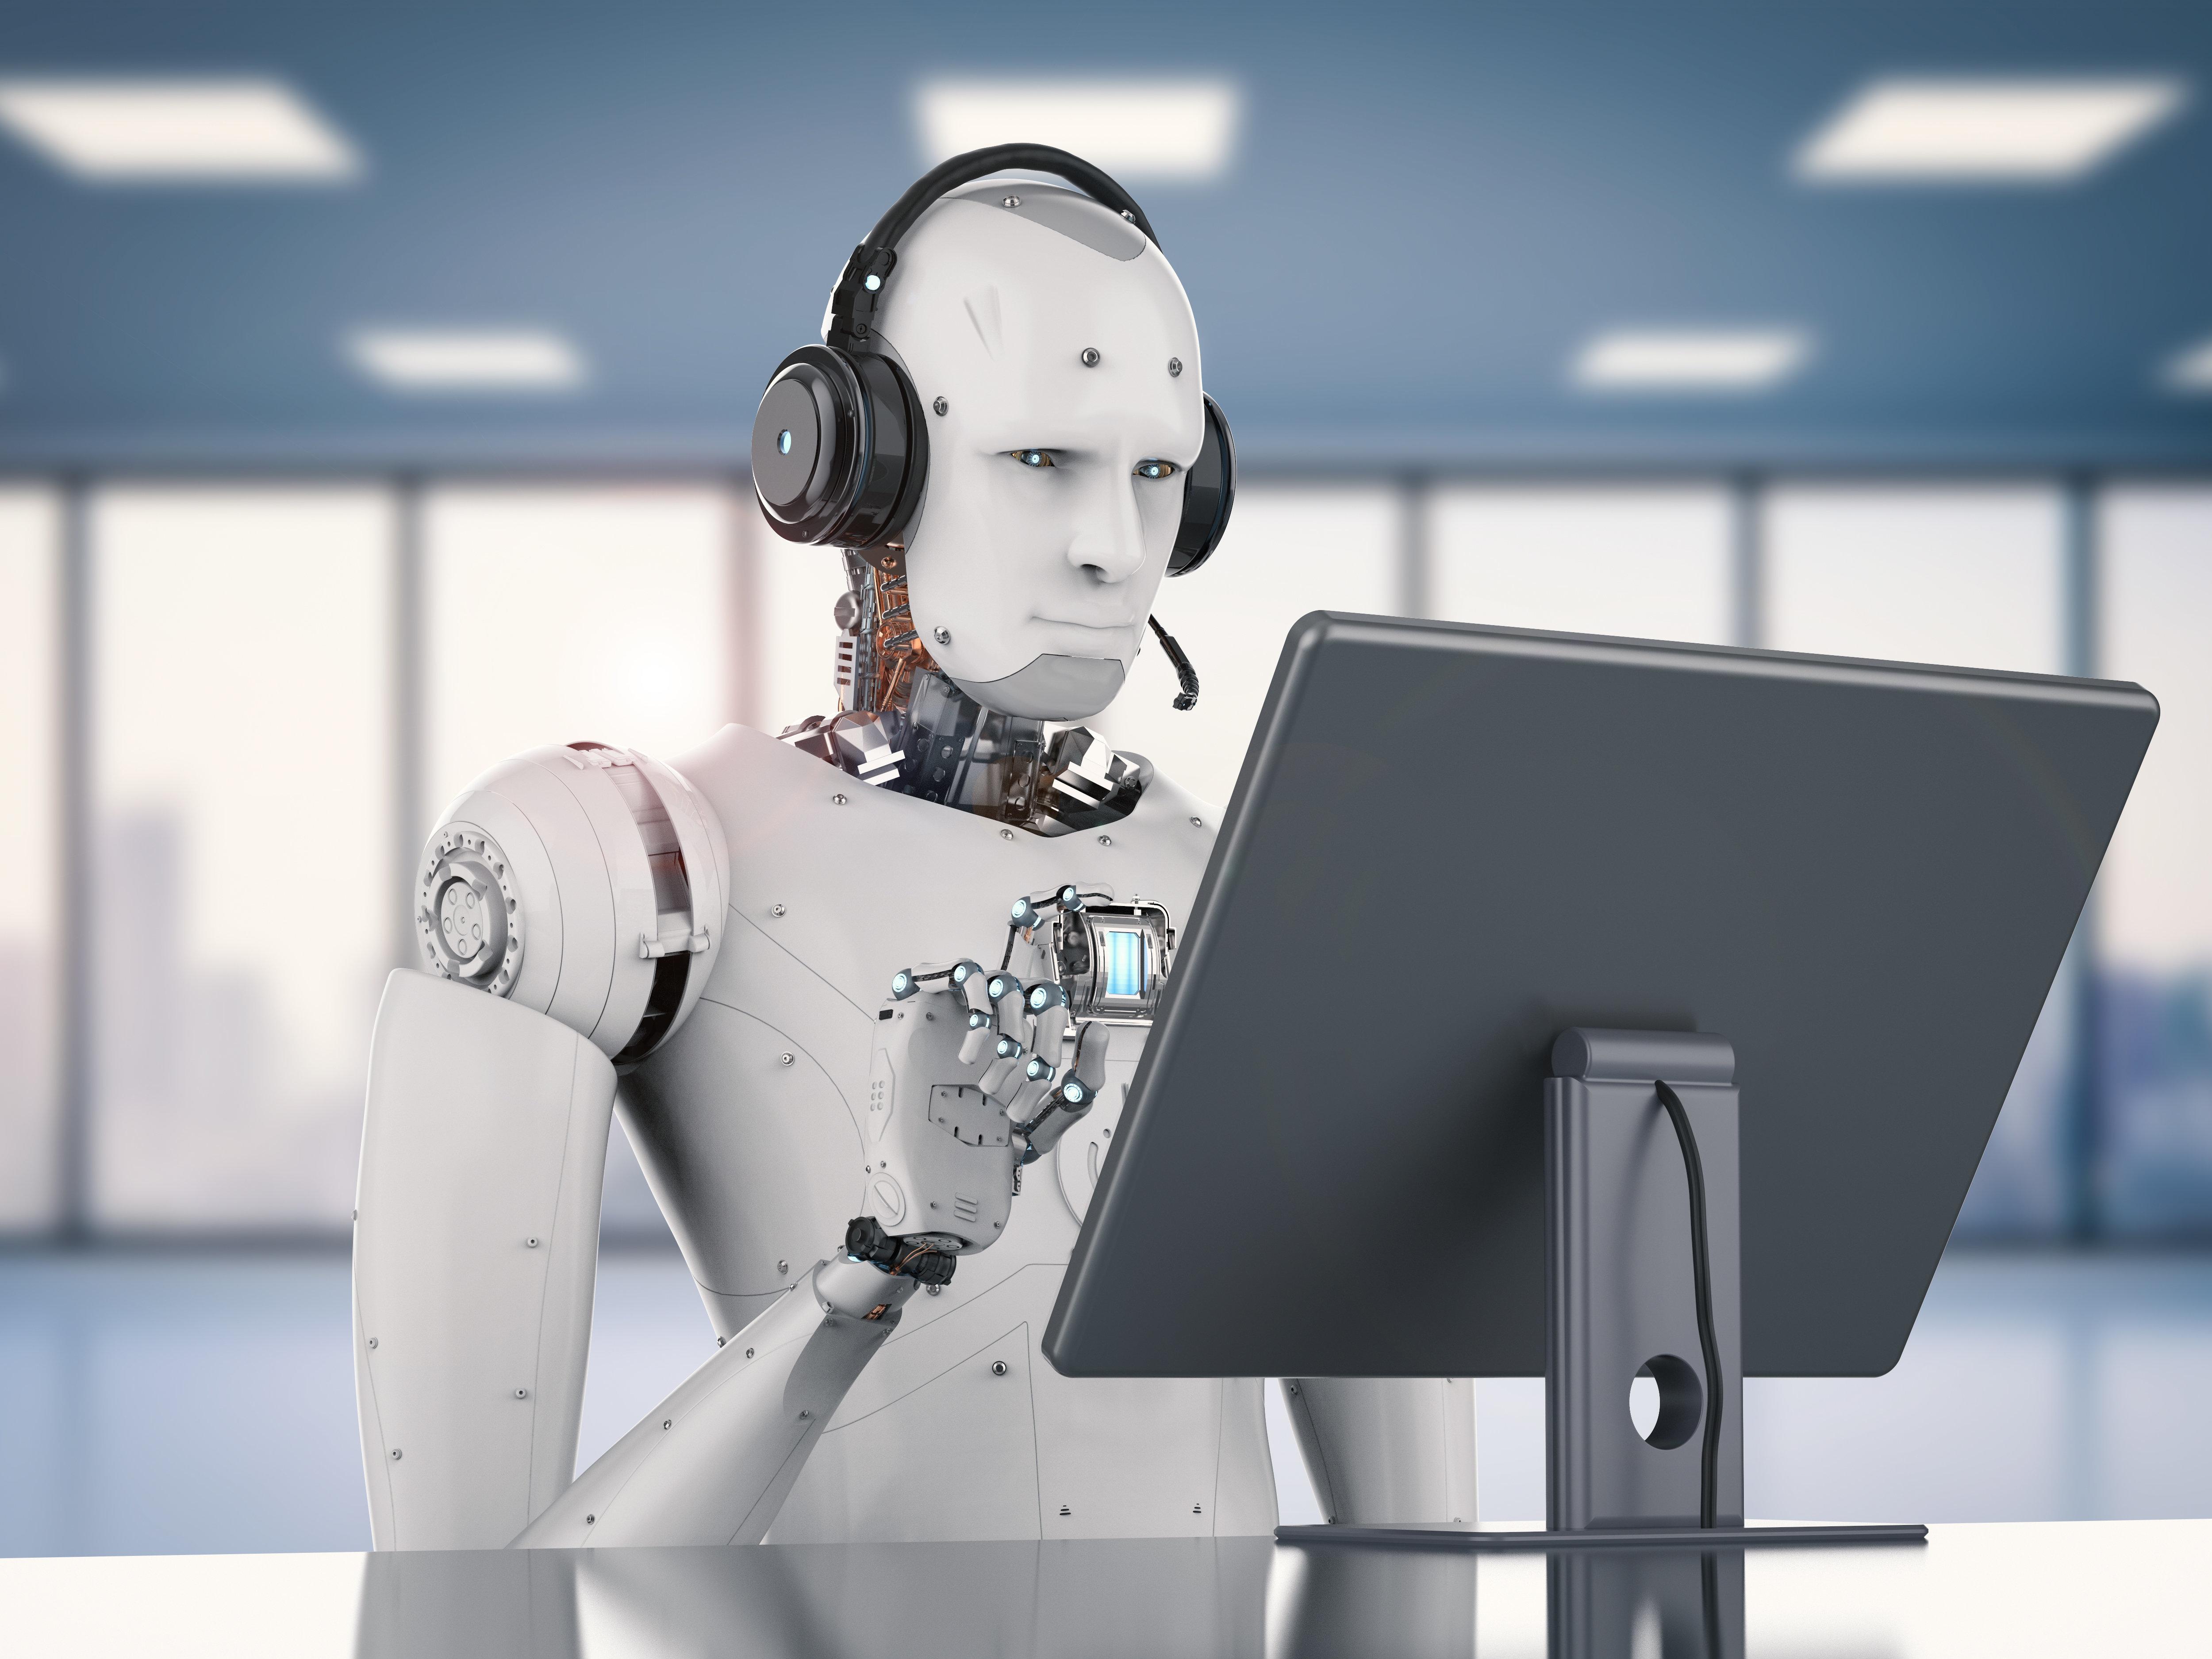 Les robots vont-ils devenir les nouveaux membres de la